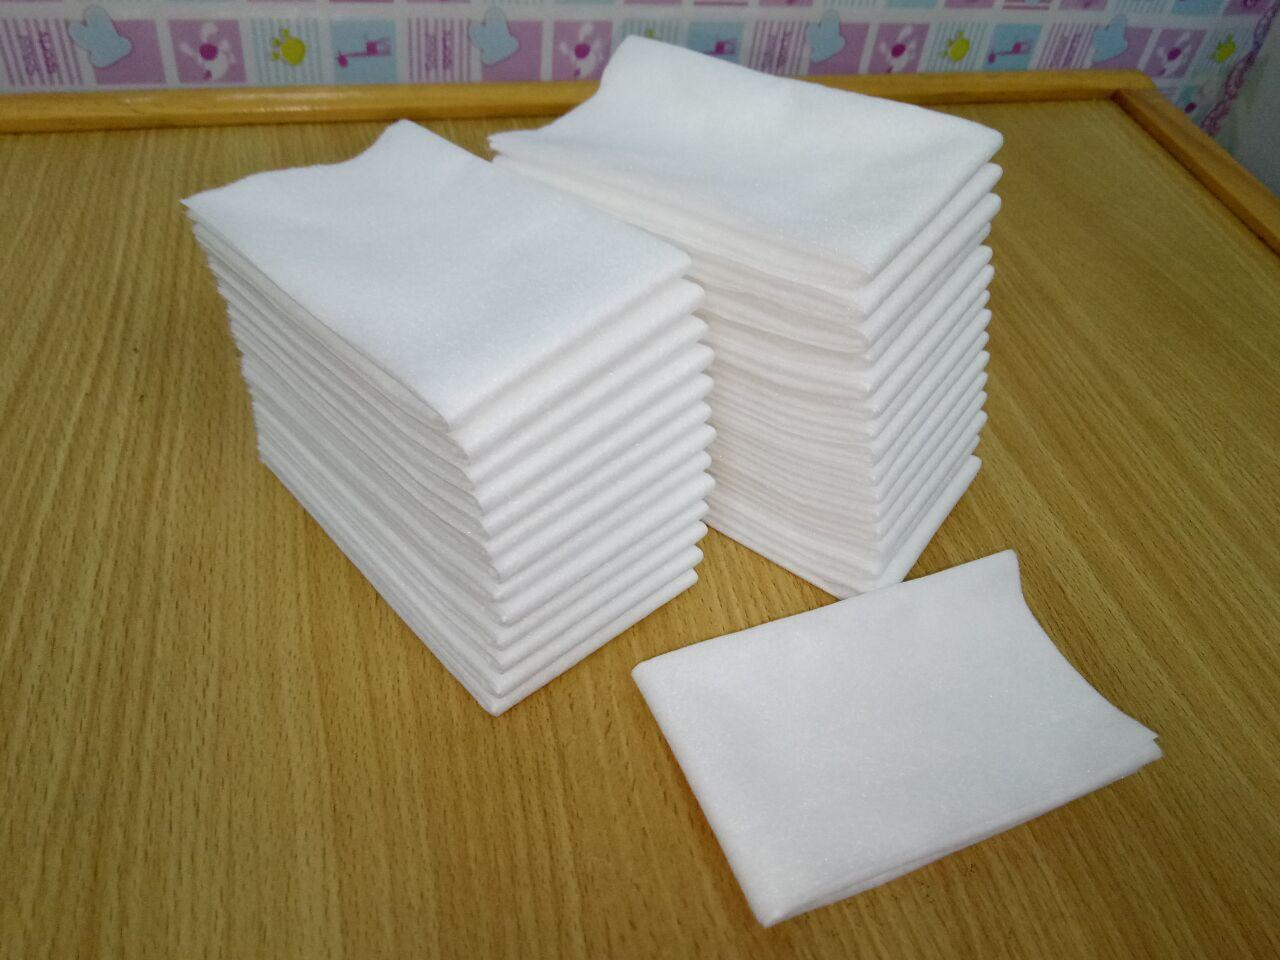 Nhà máy cung cấp trực tiếp spunlace không dệt gấp tấm Jacquard không dệt vải Không dệt vải gấp tấm c